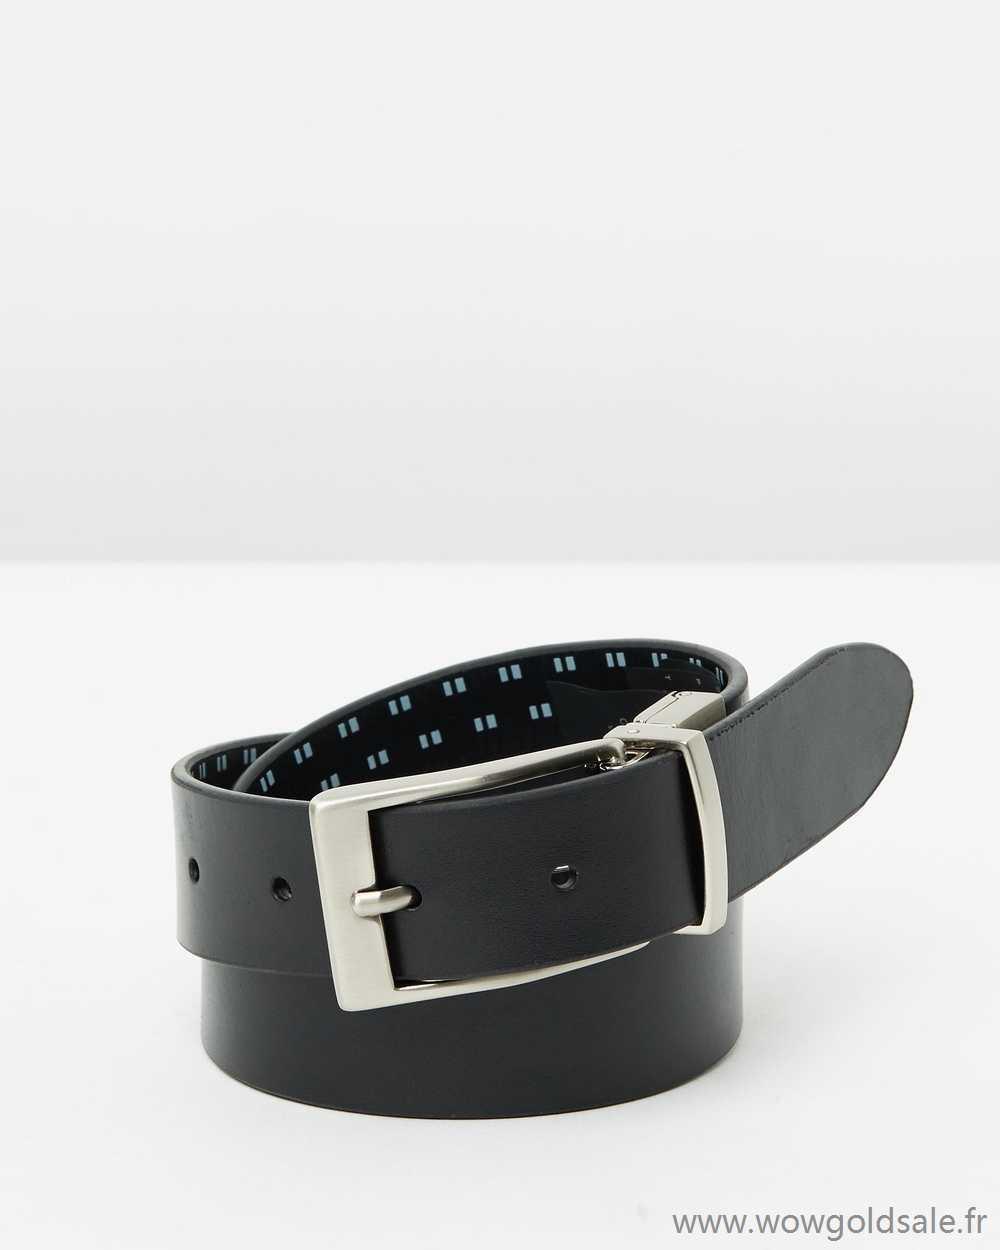 13963635a91 Promotion de groupe ceinture fred perry cuir.Dédié à économiser de l argent  - www.stronycms.eu